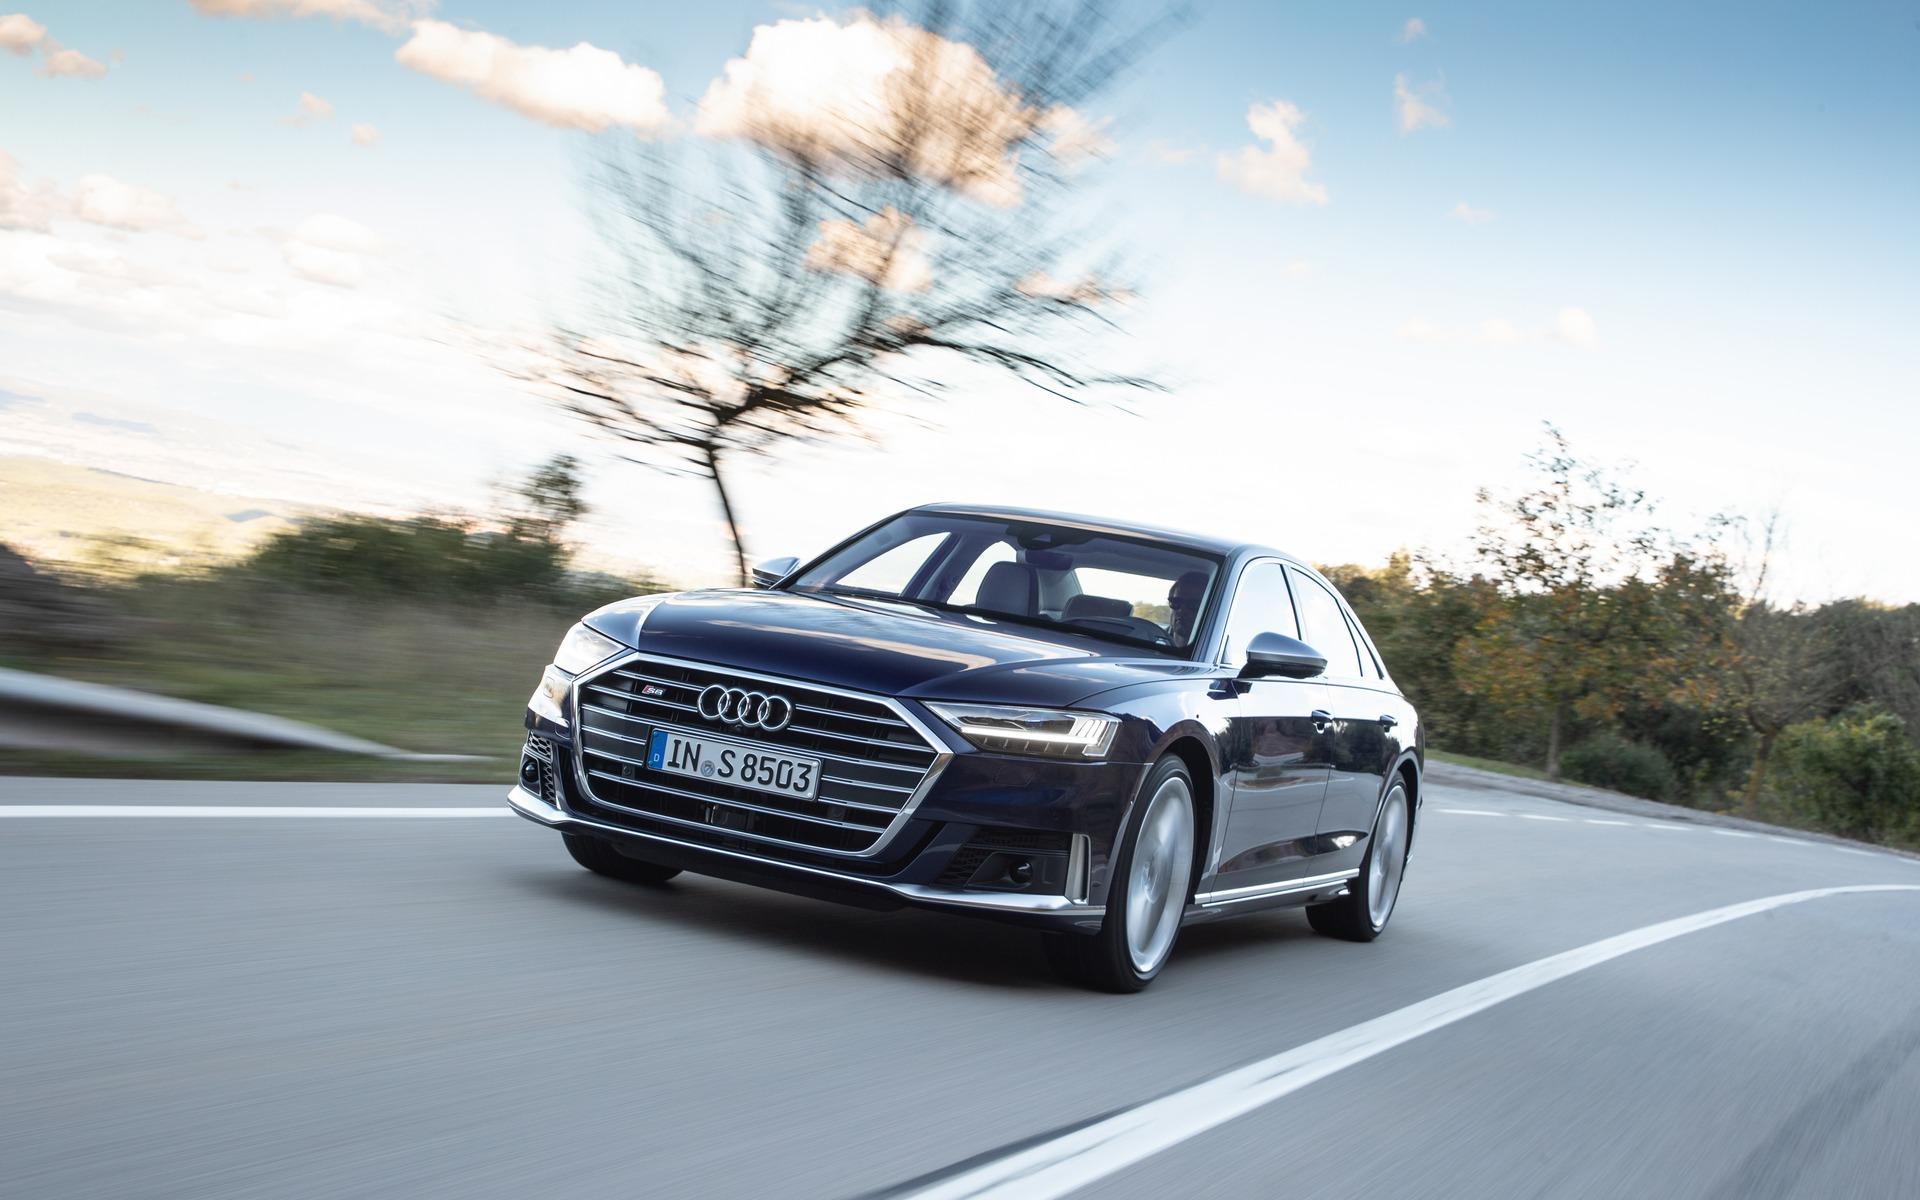 Audi S82020